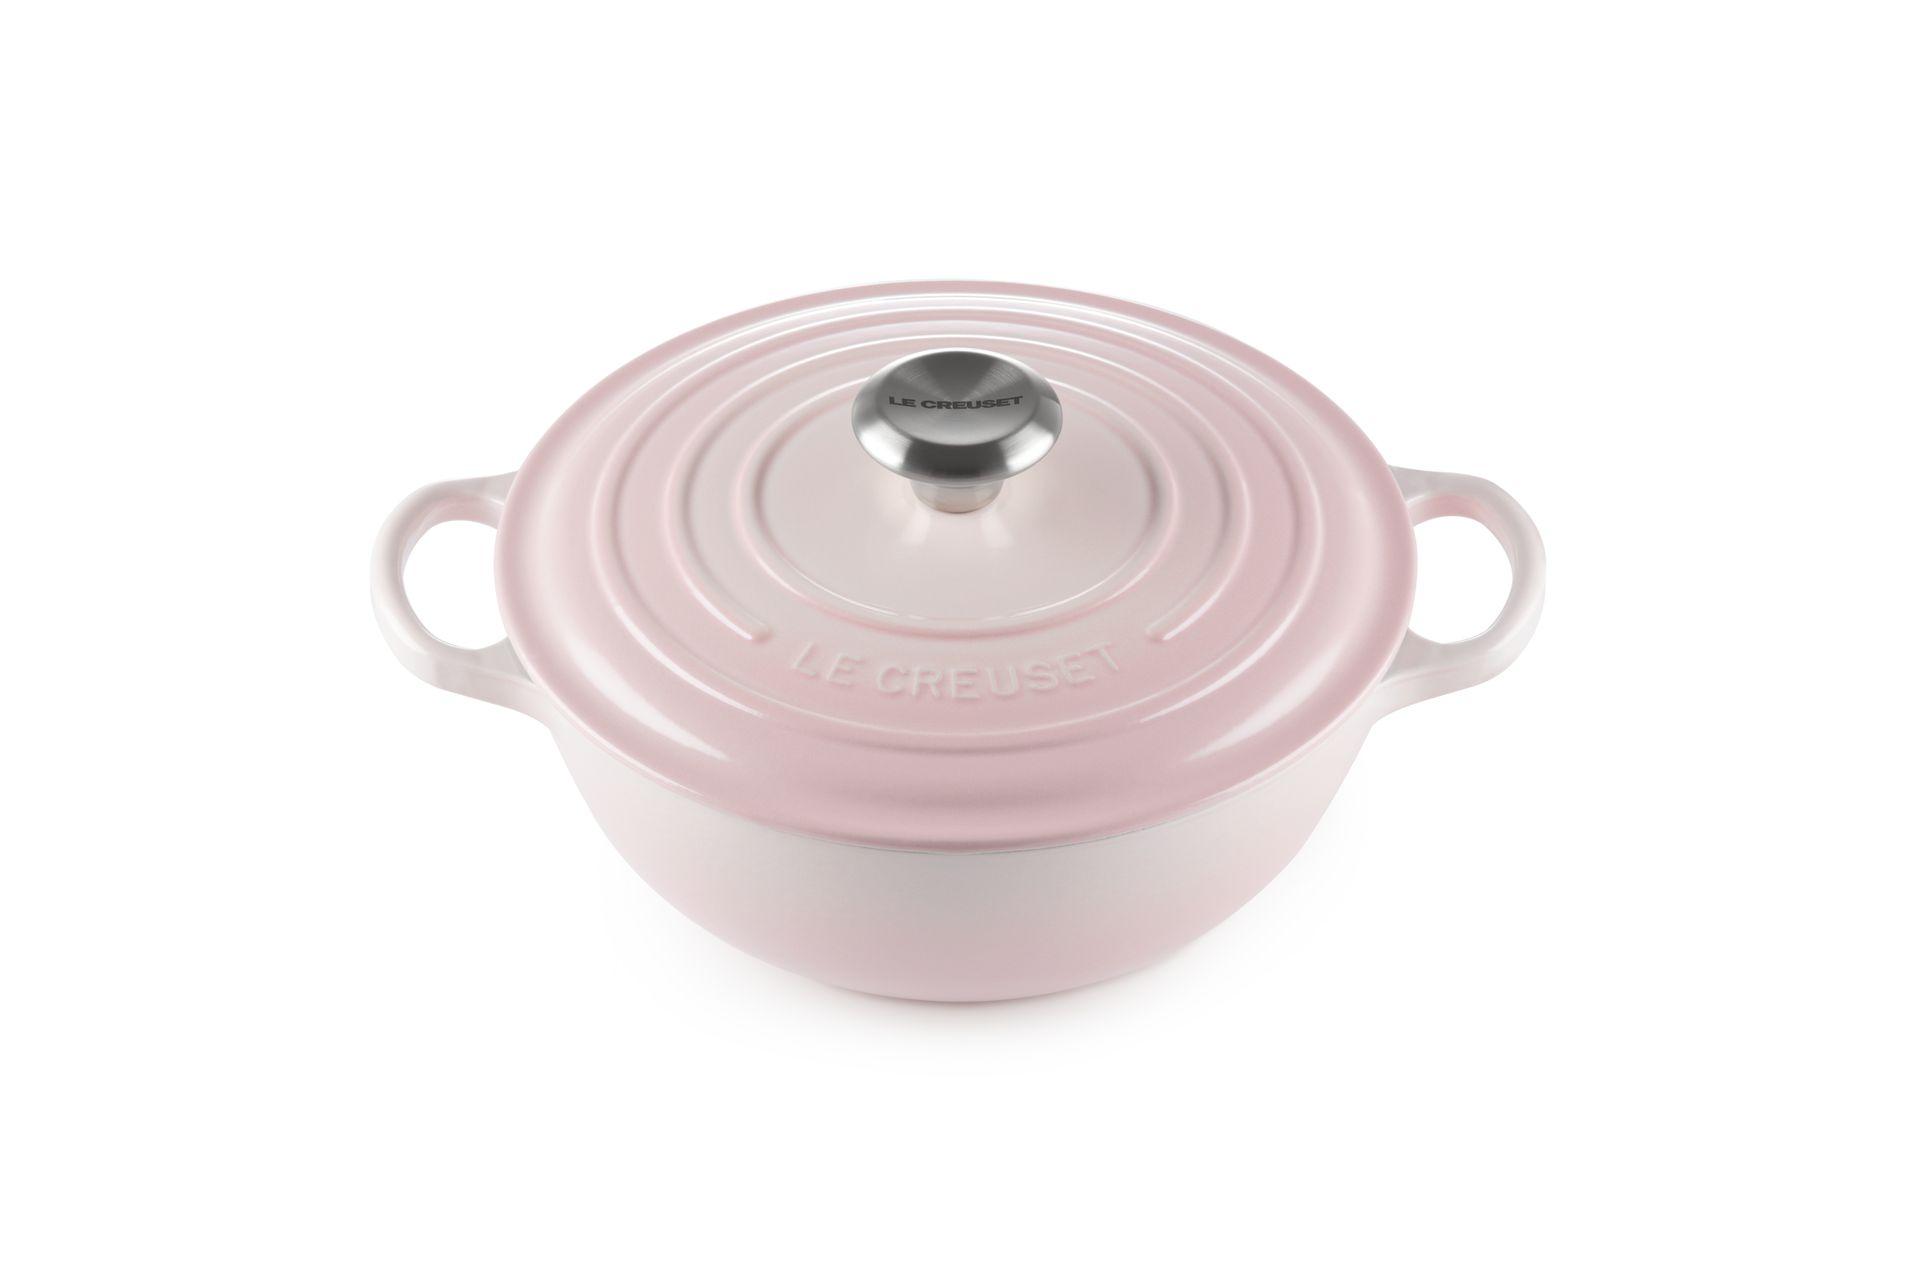 Le Creuset La Marmite 24 cm Shell Pink